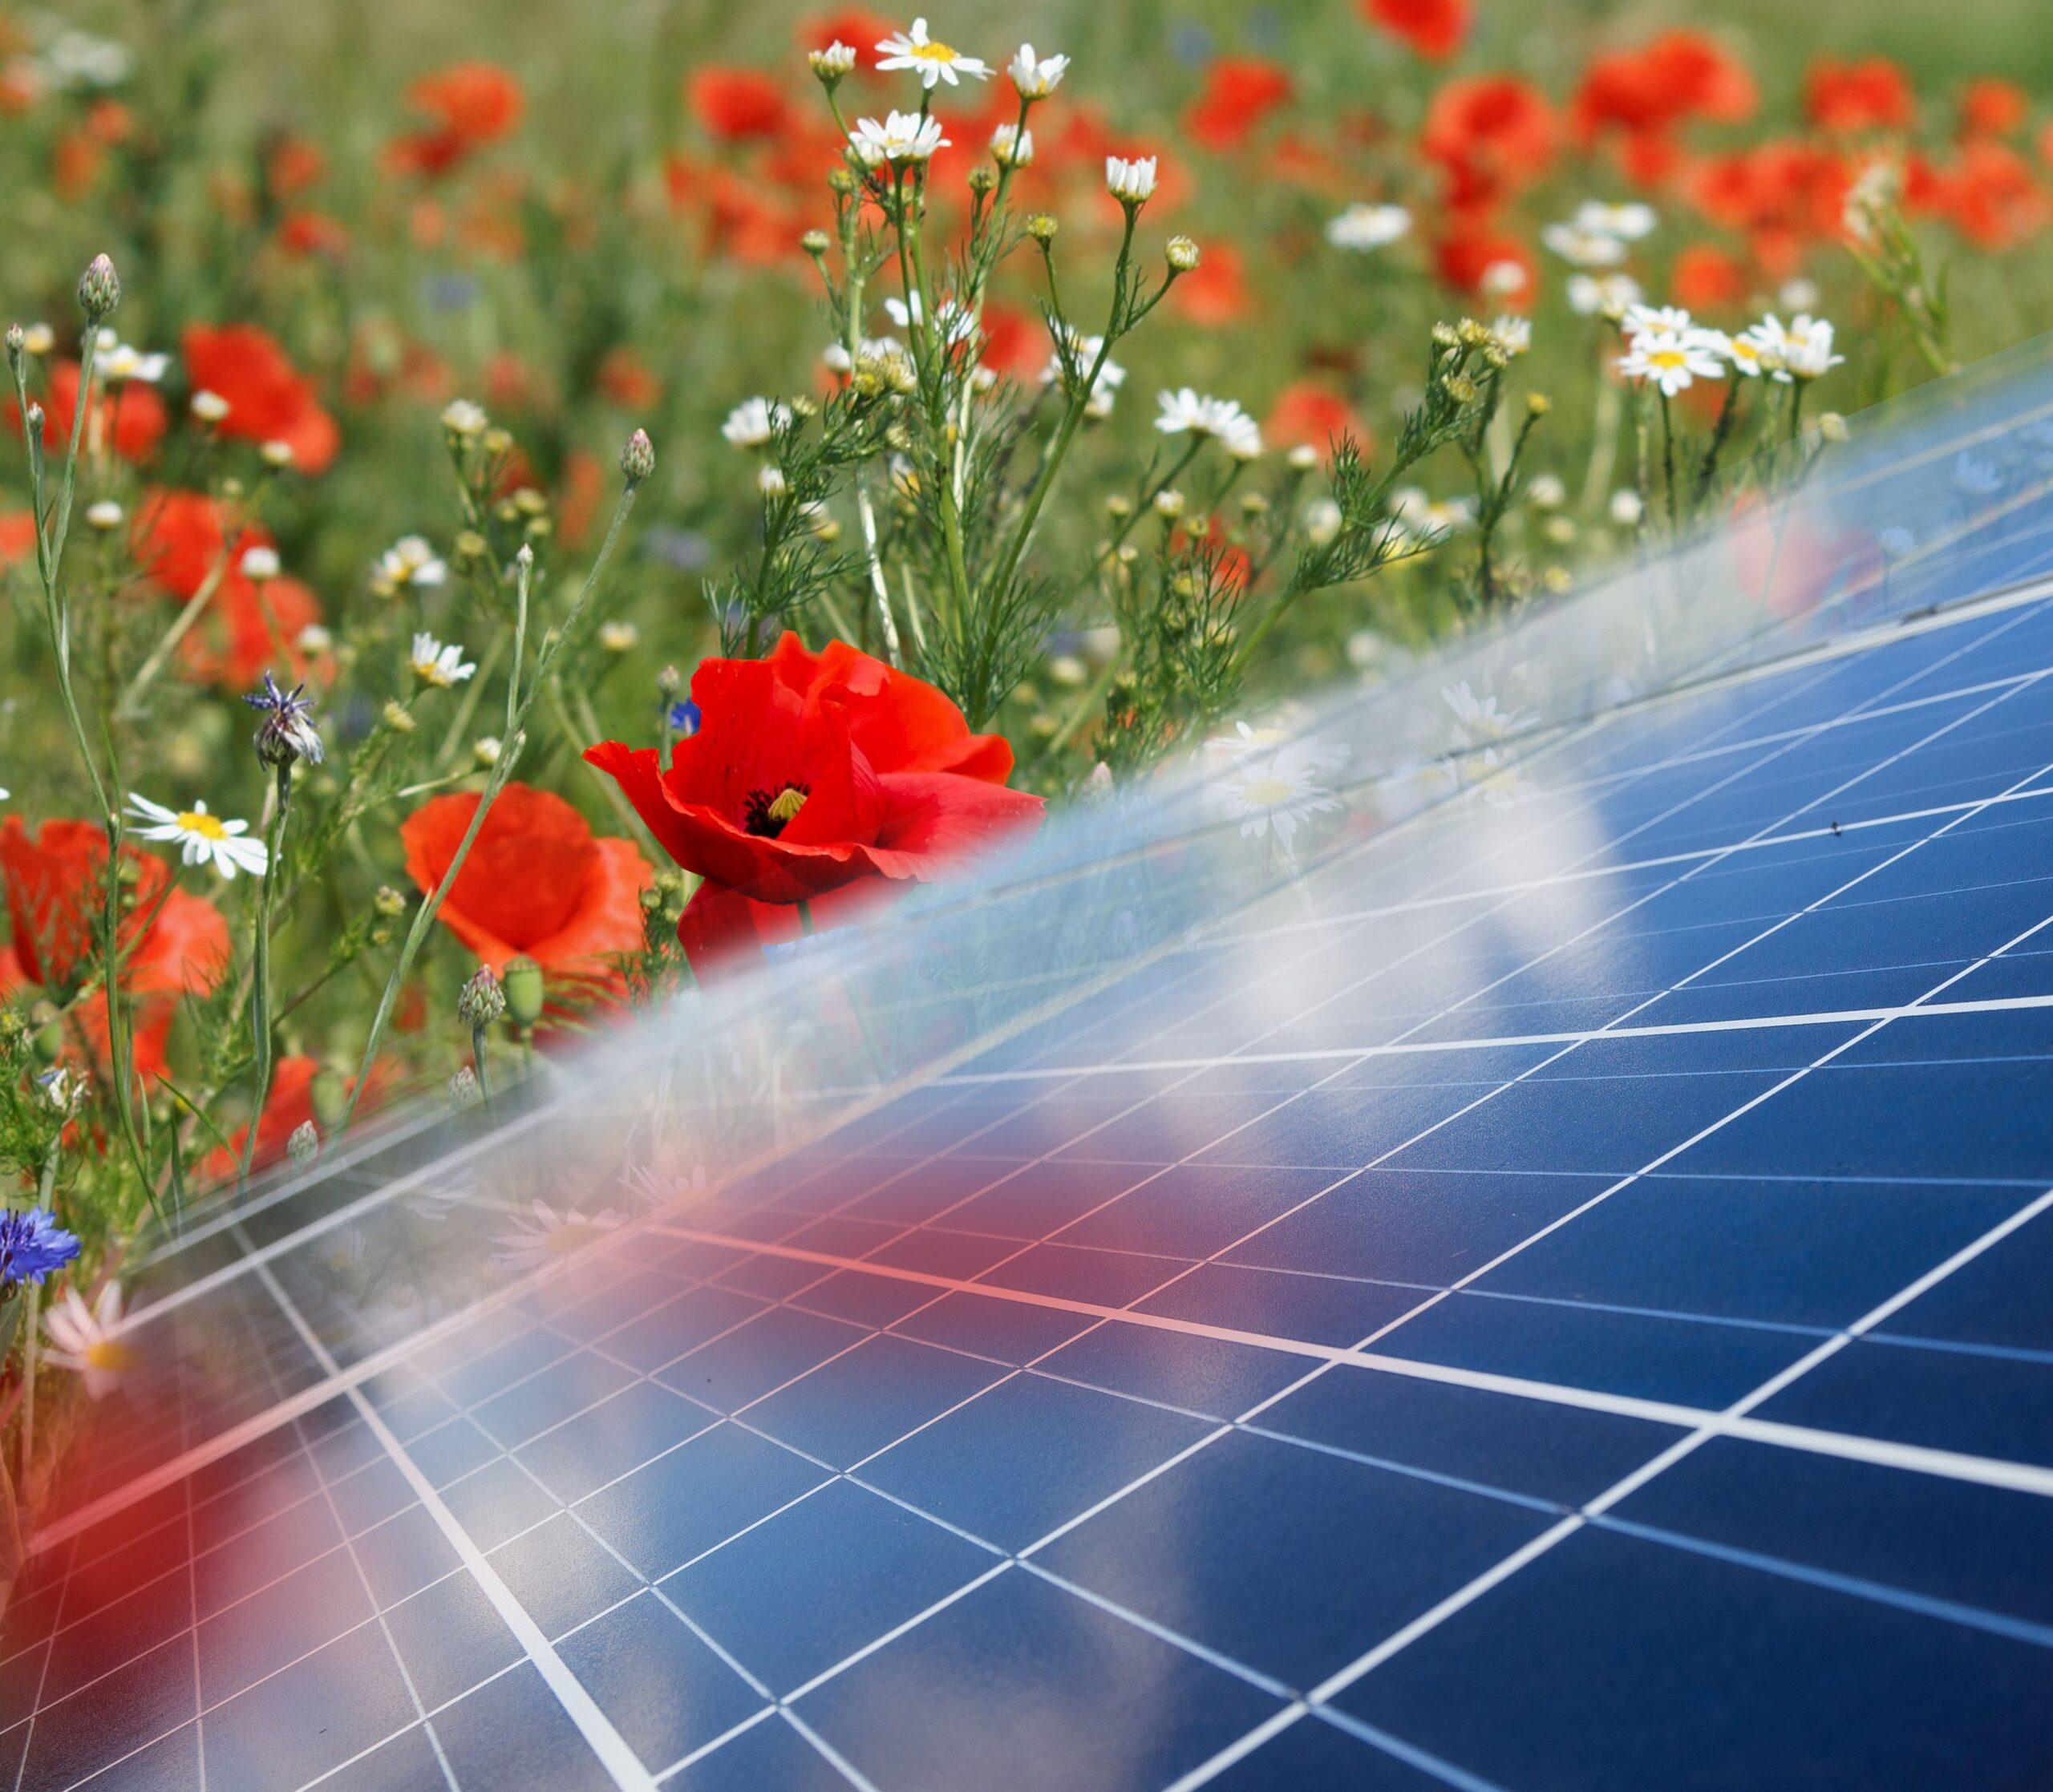 zonnepanelen natuur bloemen RES